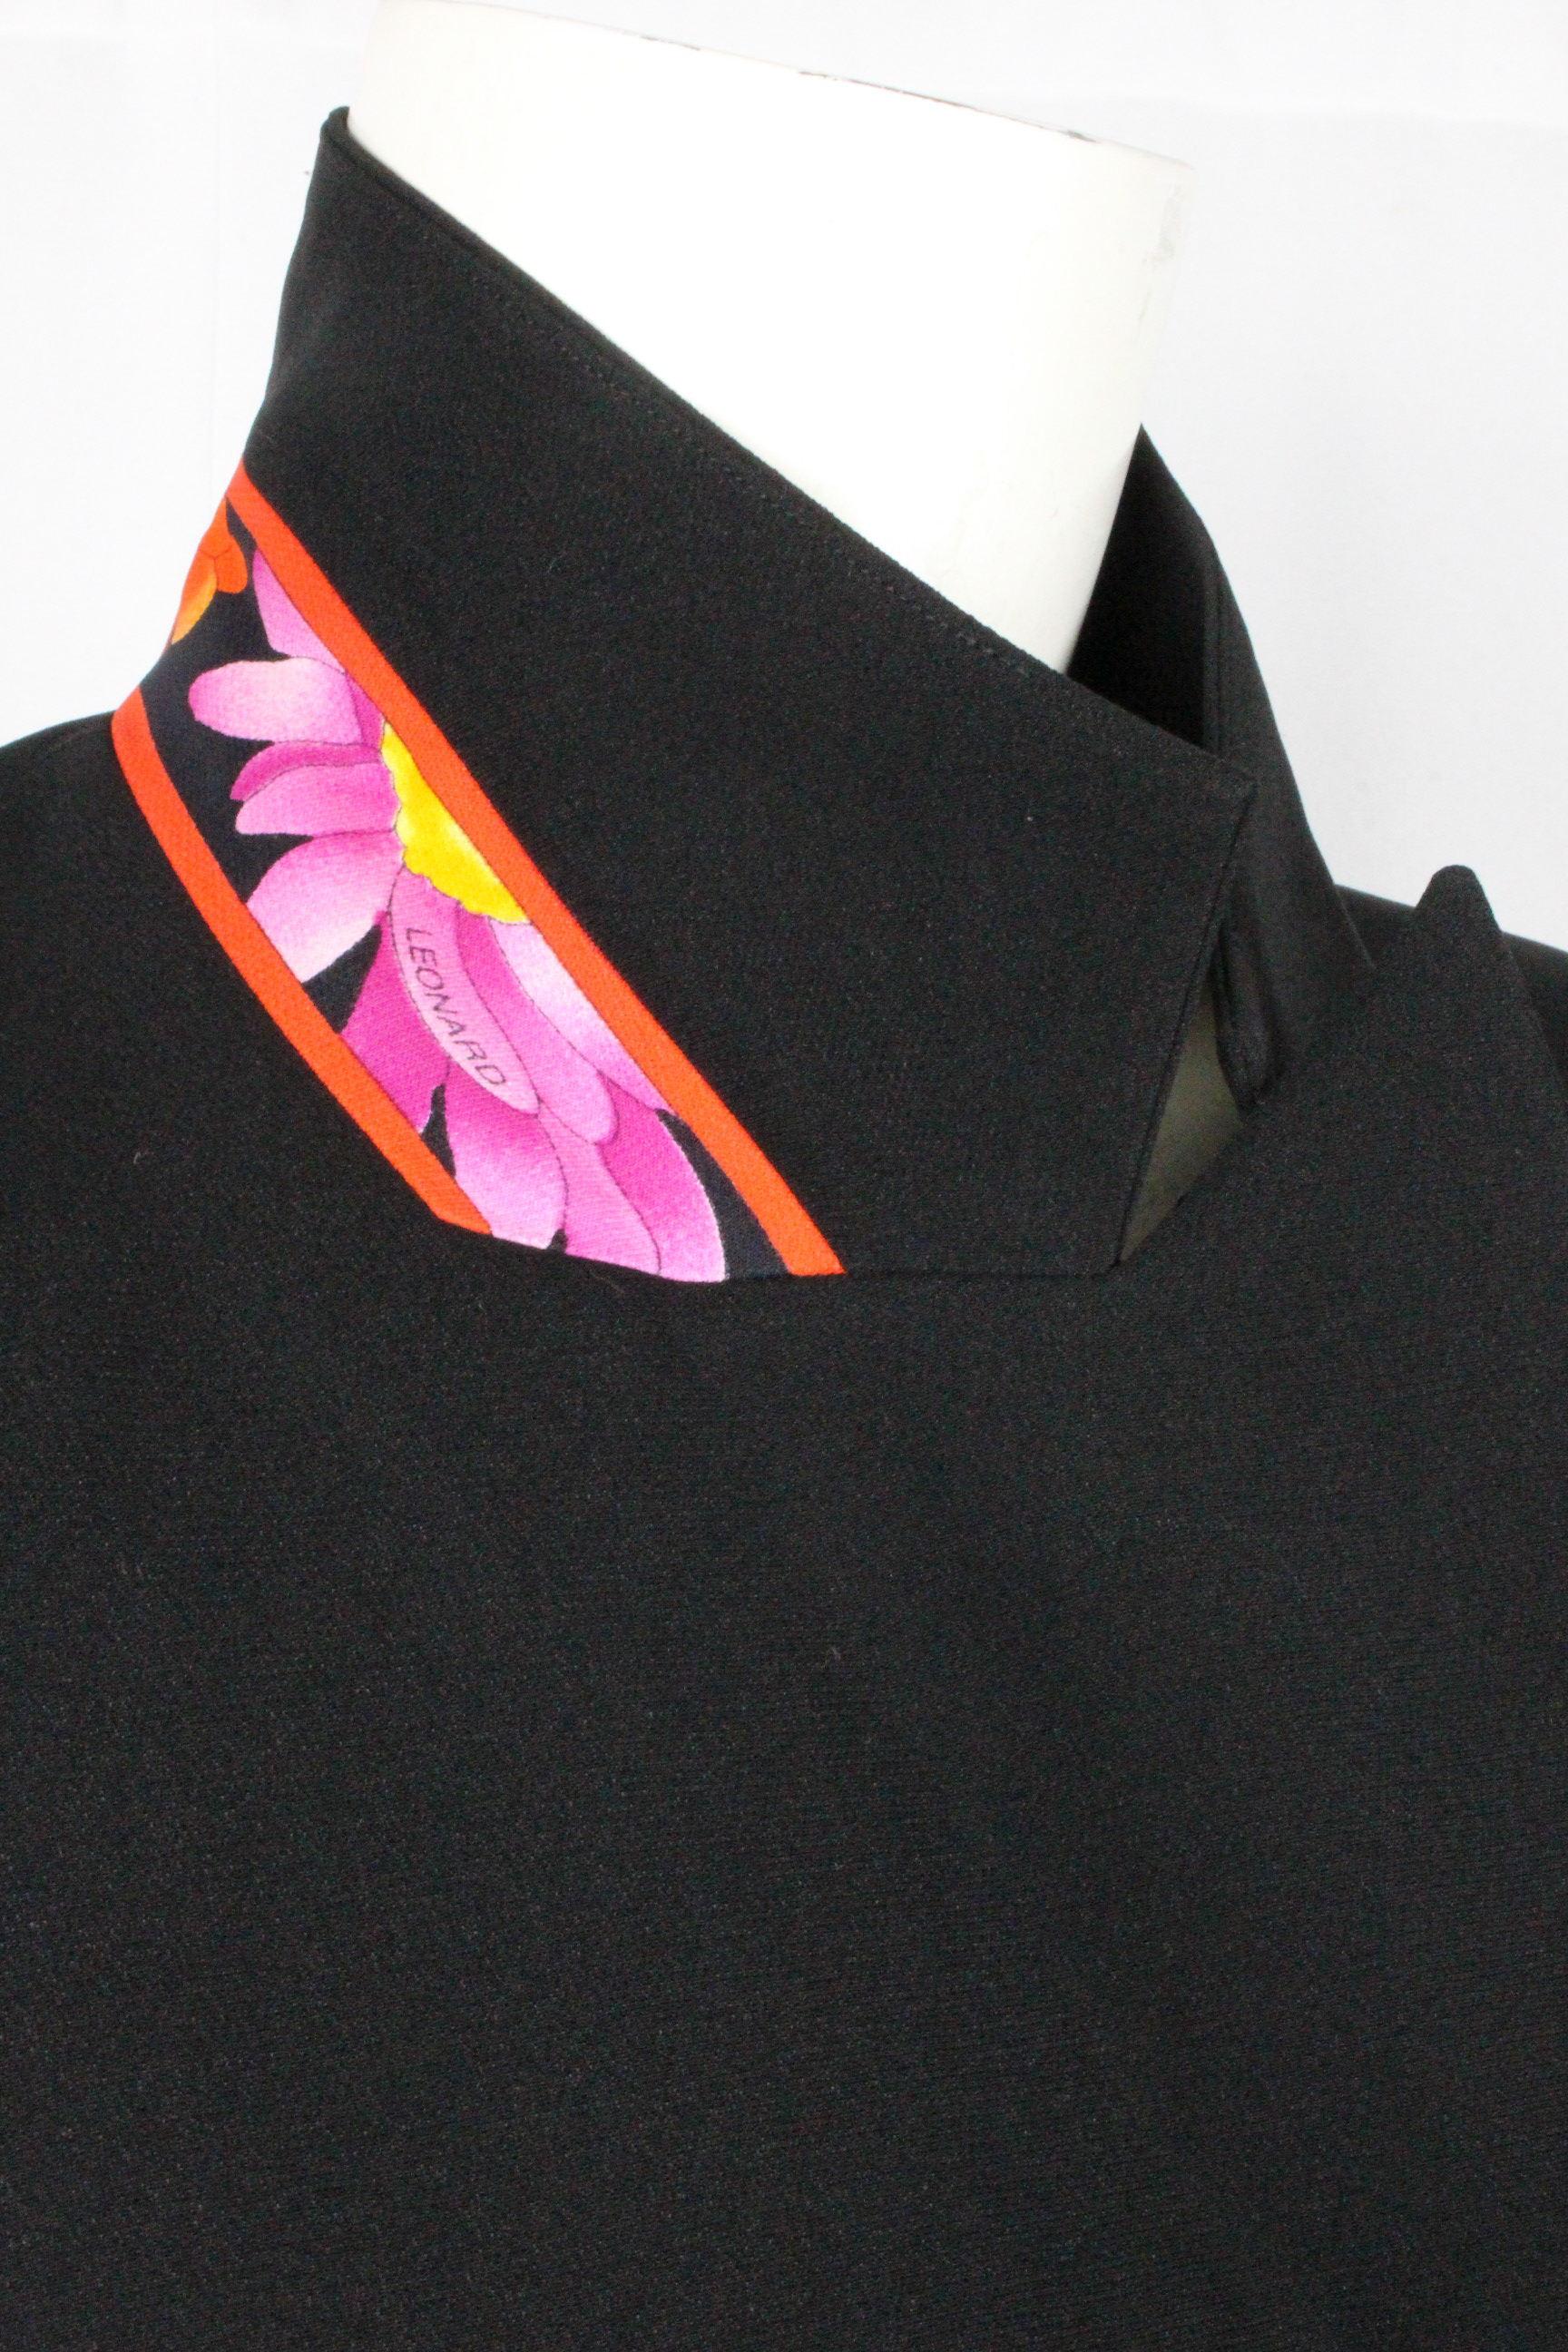 レオナール [ LEONARD ] フラワー テーラード ジャケット ブラック 黒 SIZE[9AR] レディース アウター トップス ロングジャケット 花柄